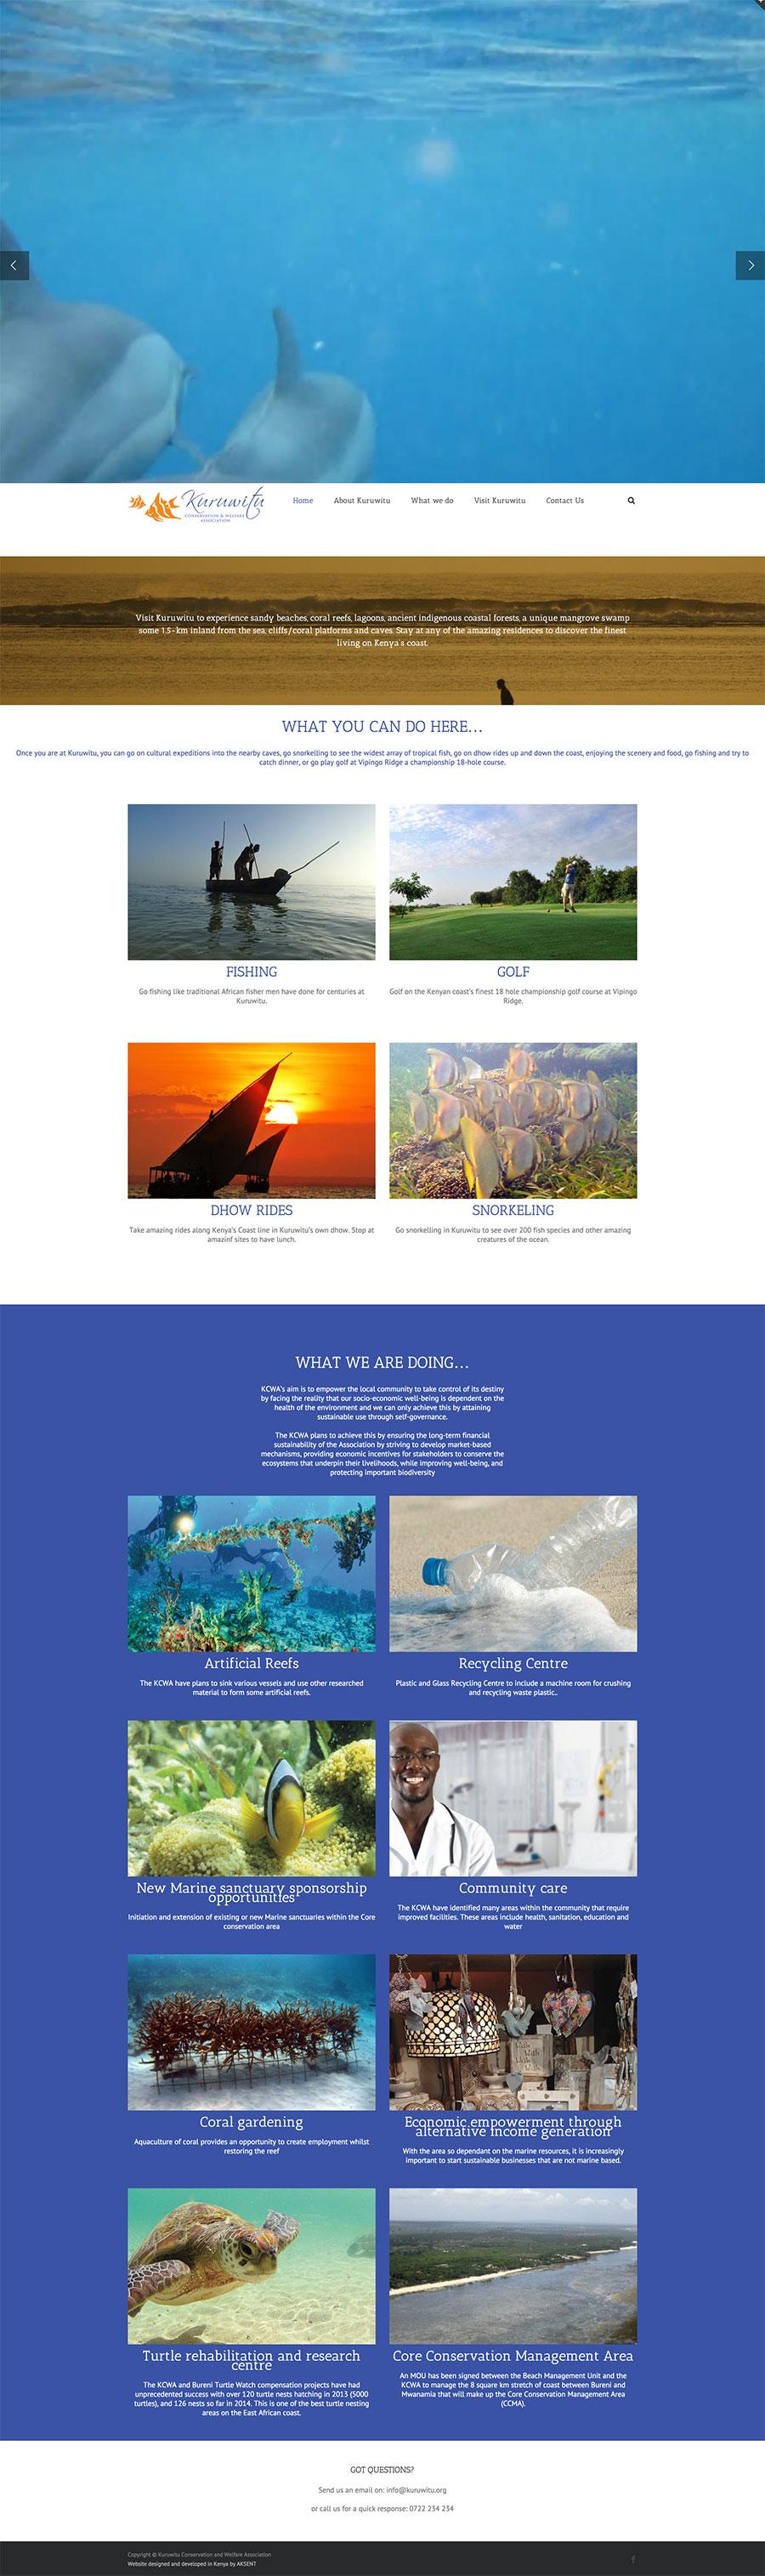 Kuruwitu-Conservation---Welfare-Association